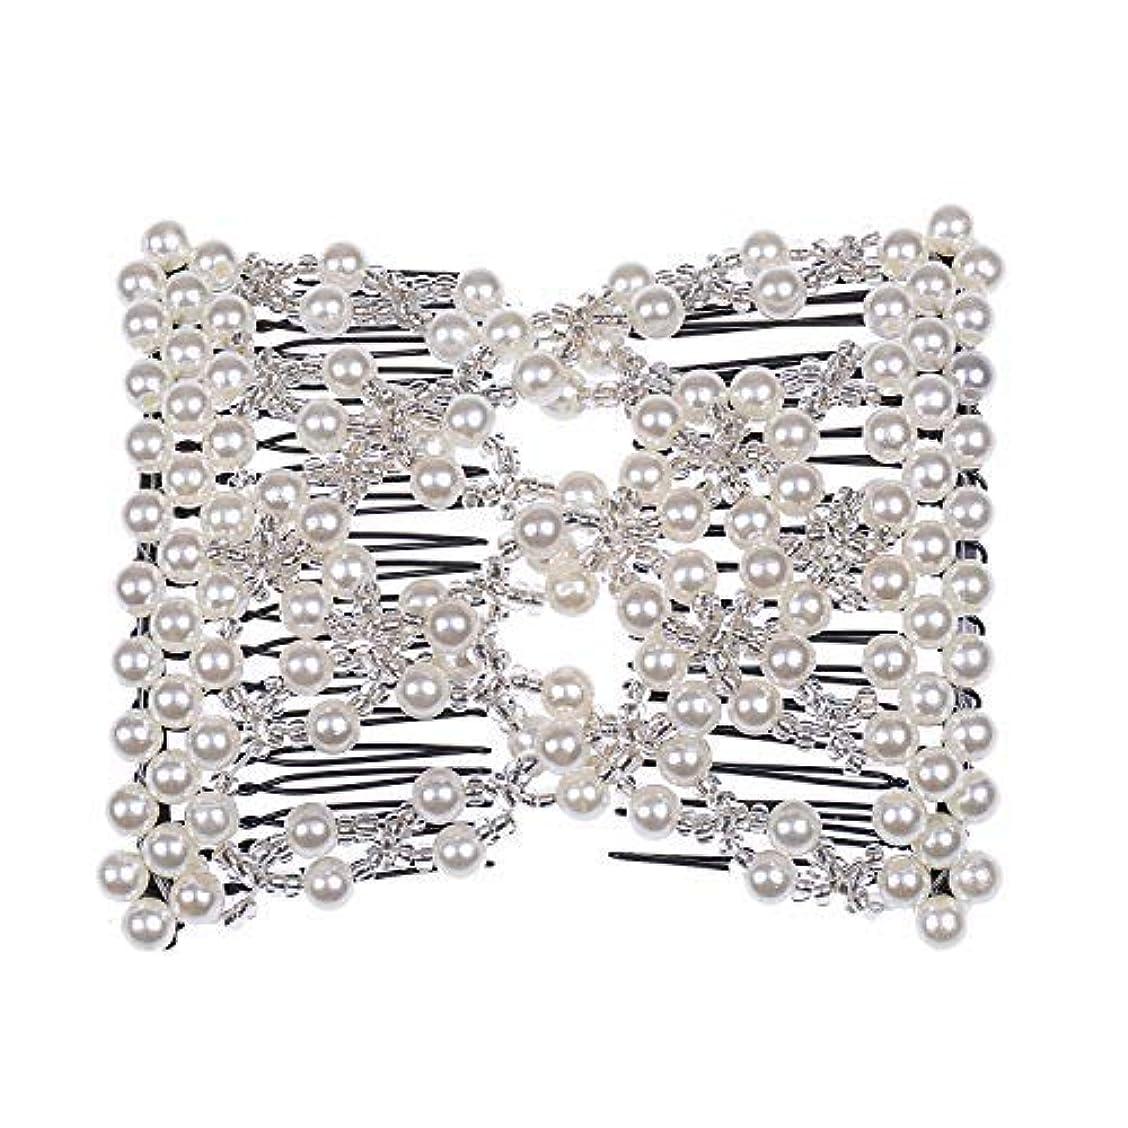 苦アメリカしなければならないCasualfashion Delicate Women Girls EZ Stretch Pearls Combs Beaded Hair Comb Jewelry Double Clips (White) [並行輸入品]